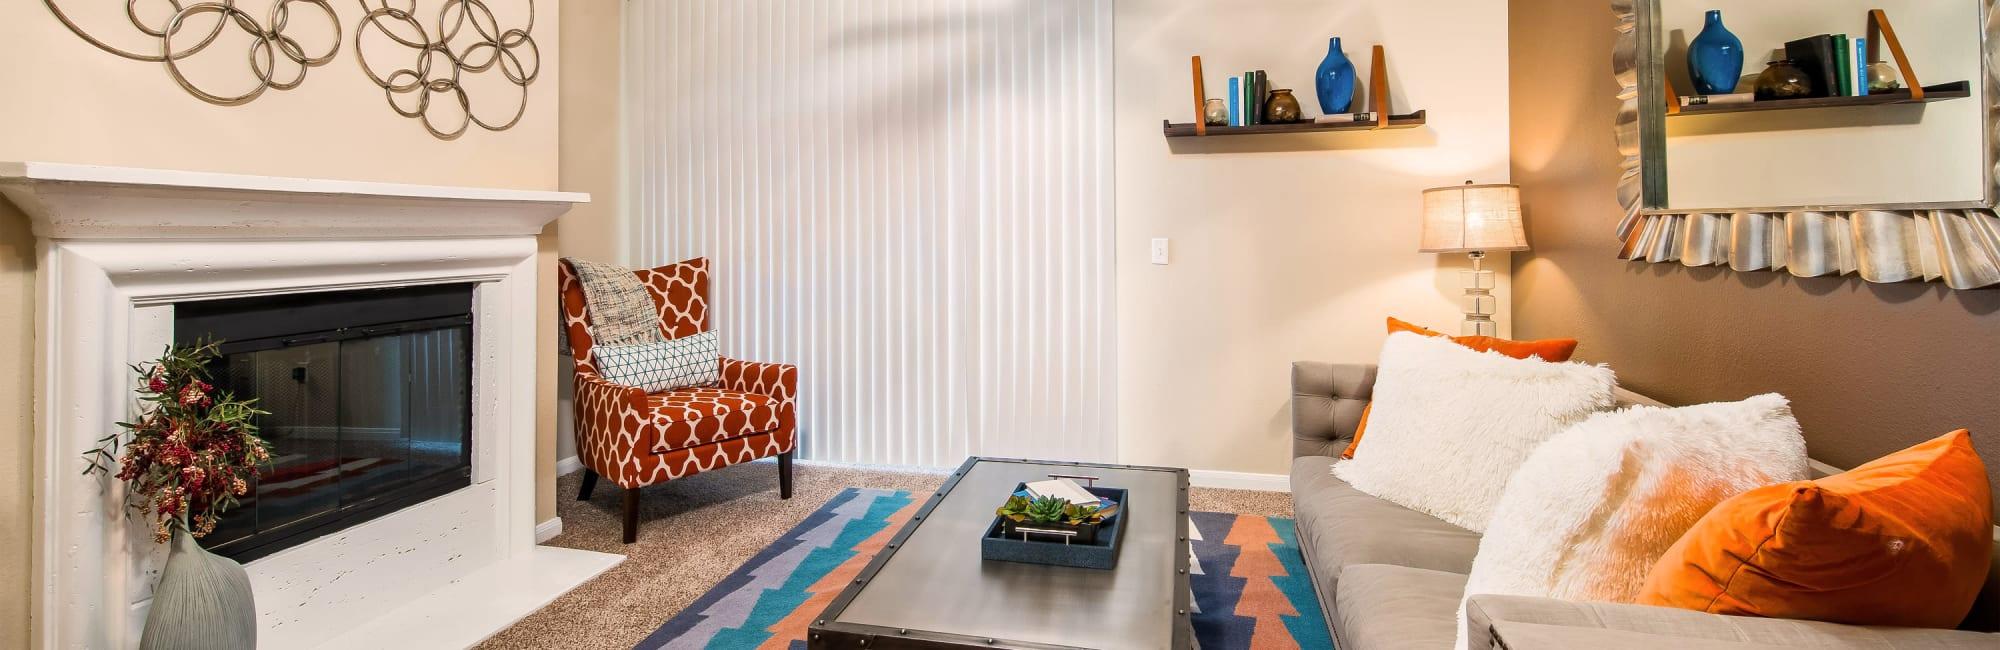 Plano, Texas, apartments at Reserve at Pebble Creek